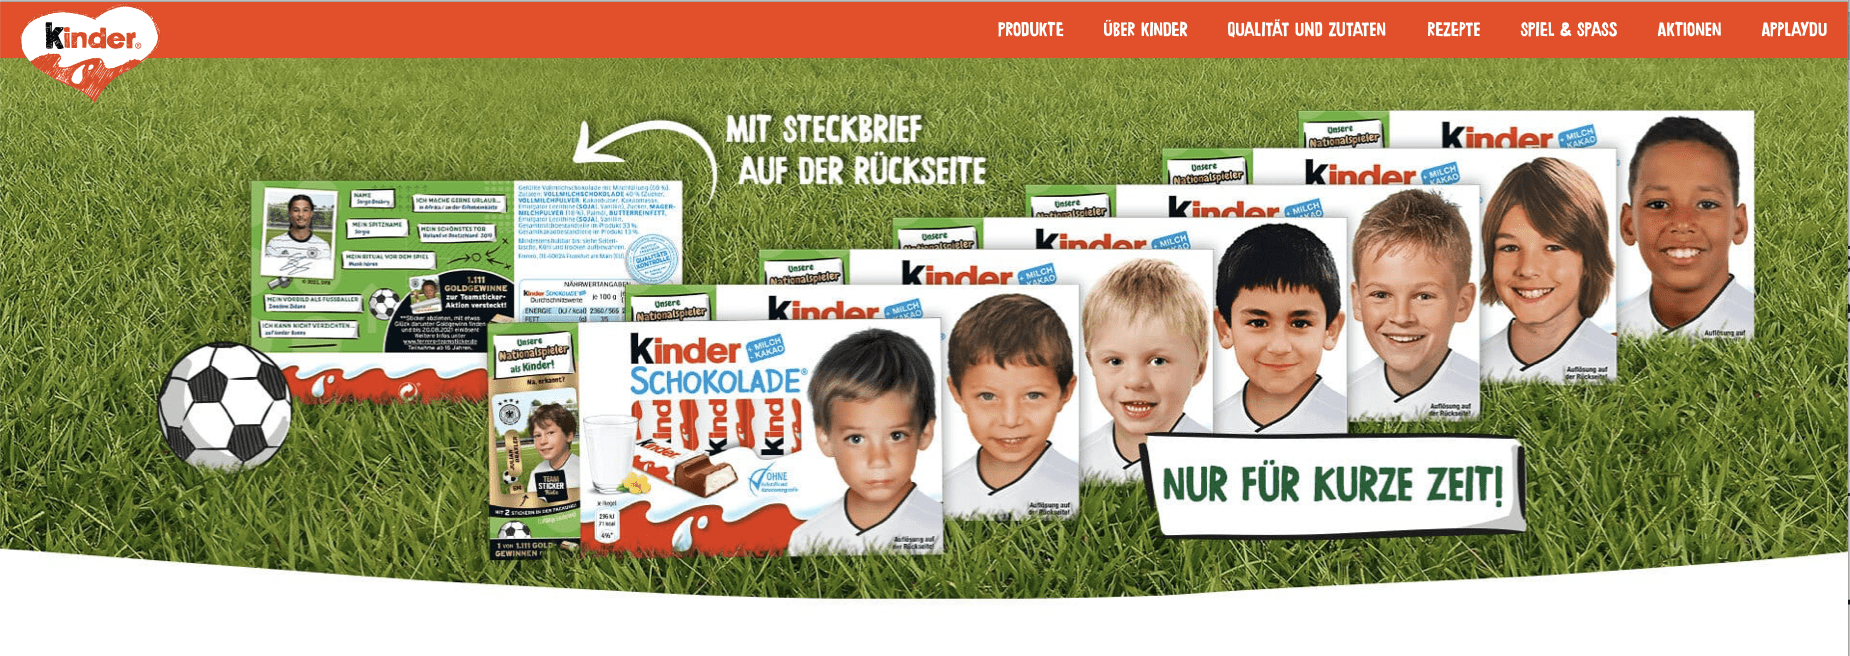 Gewinnspiel-Cases FMCG Süßwaren & Snacks Kinder Schokolade